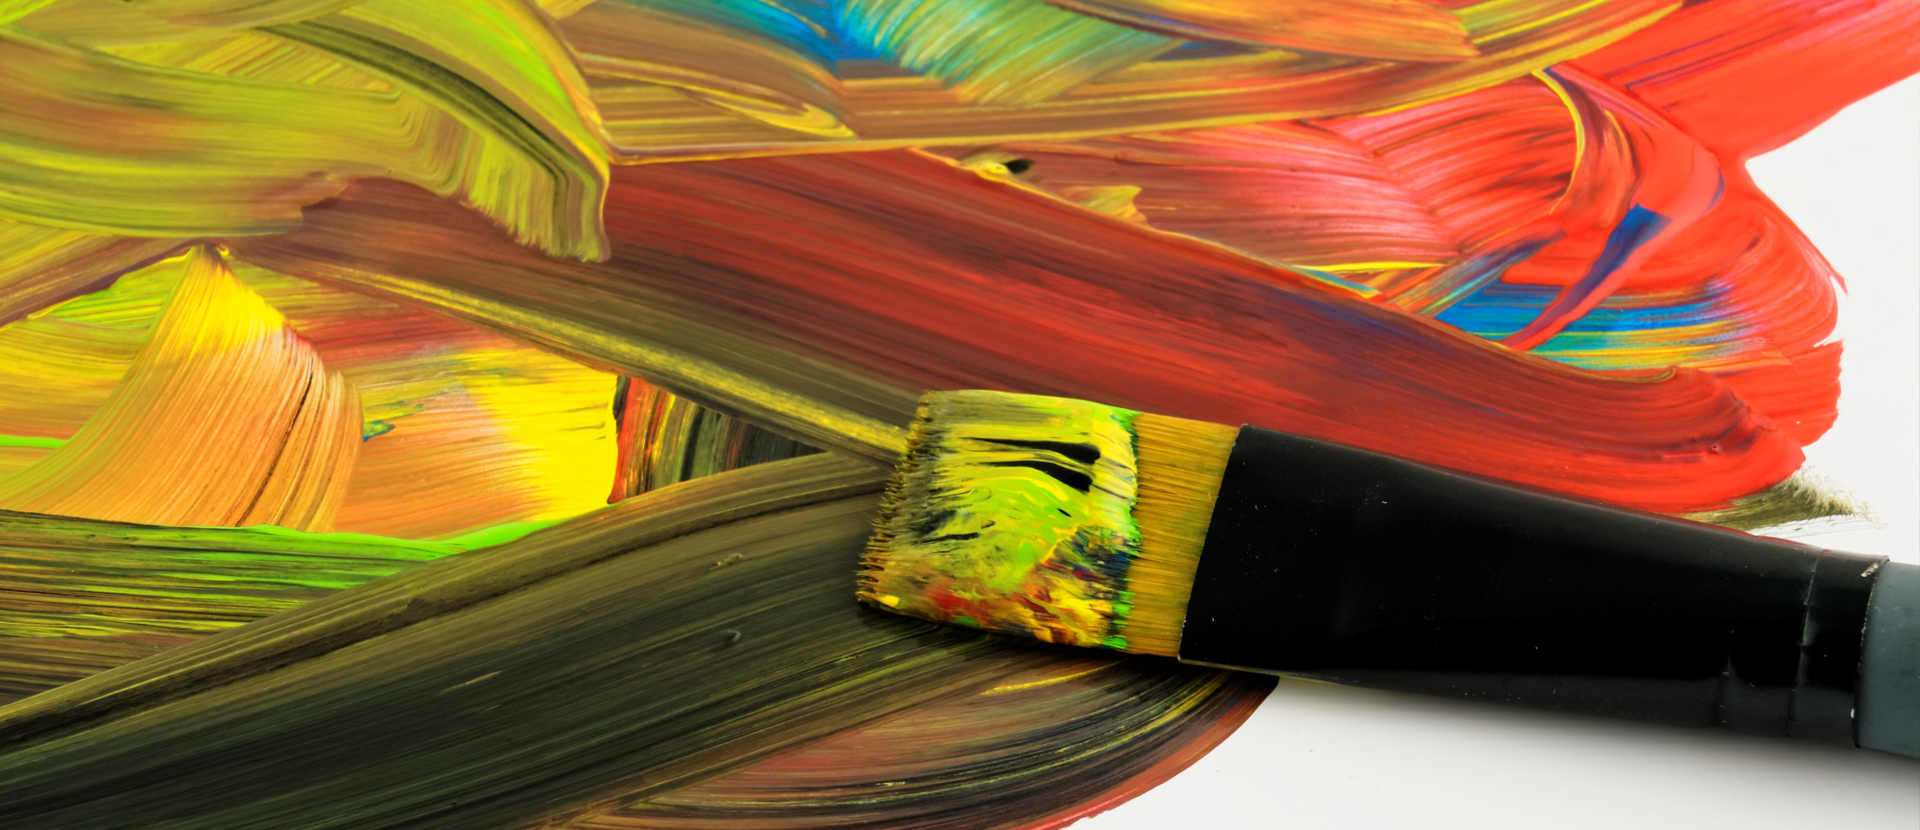 okładka - farby talent Źródło: pixabay, licencja: CC 0.